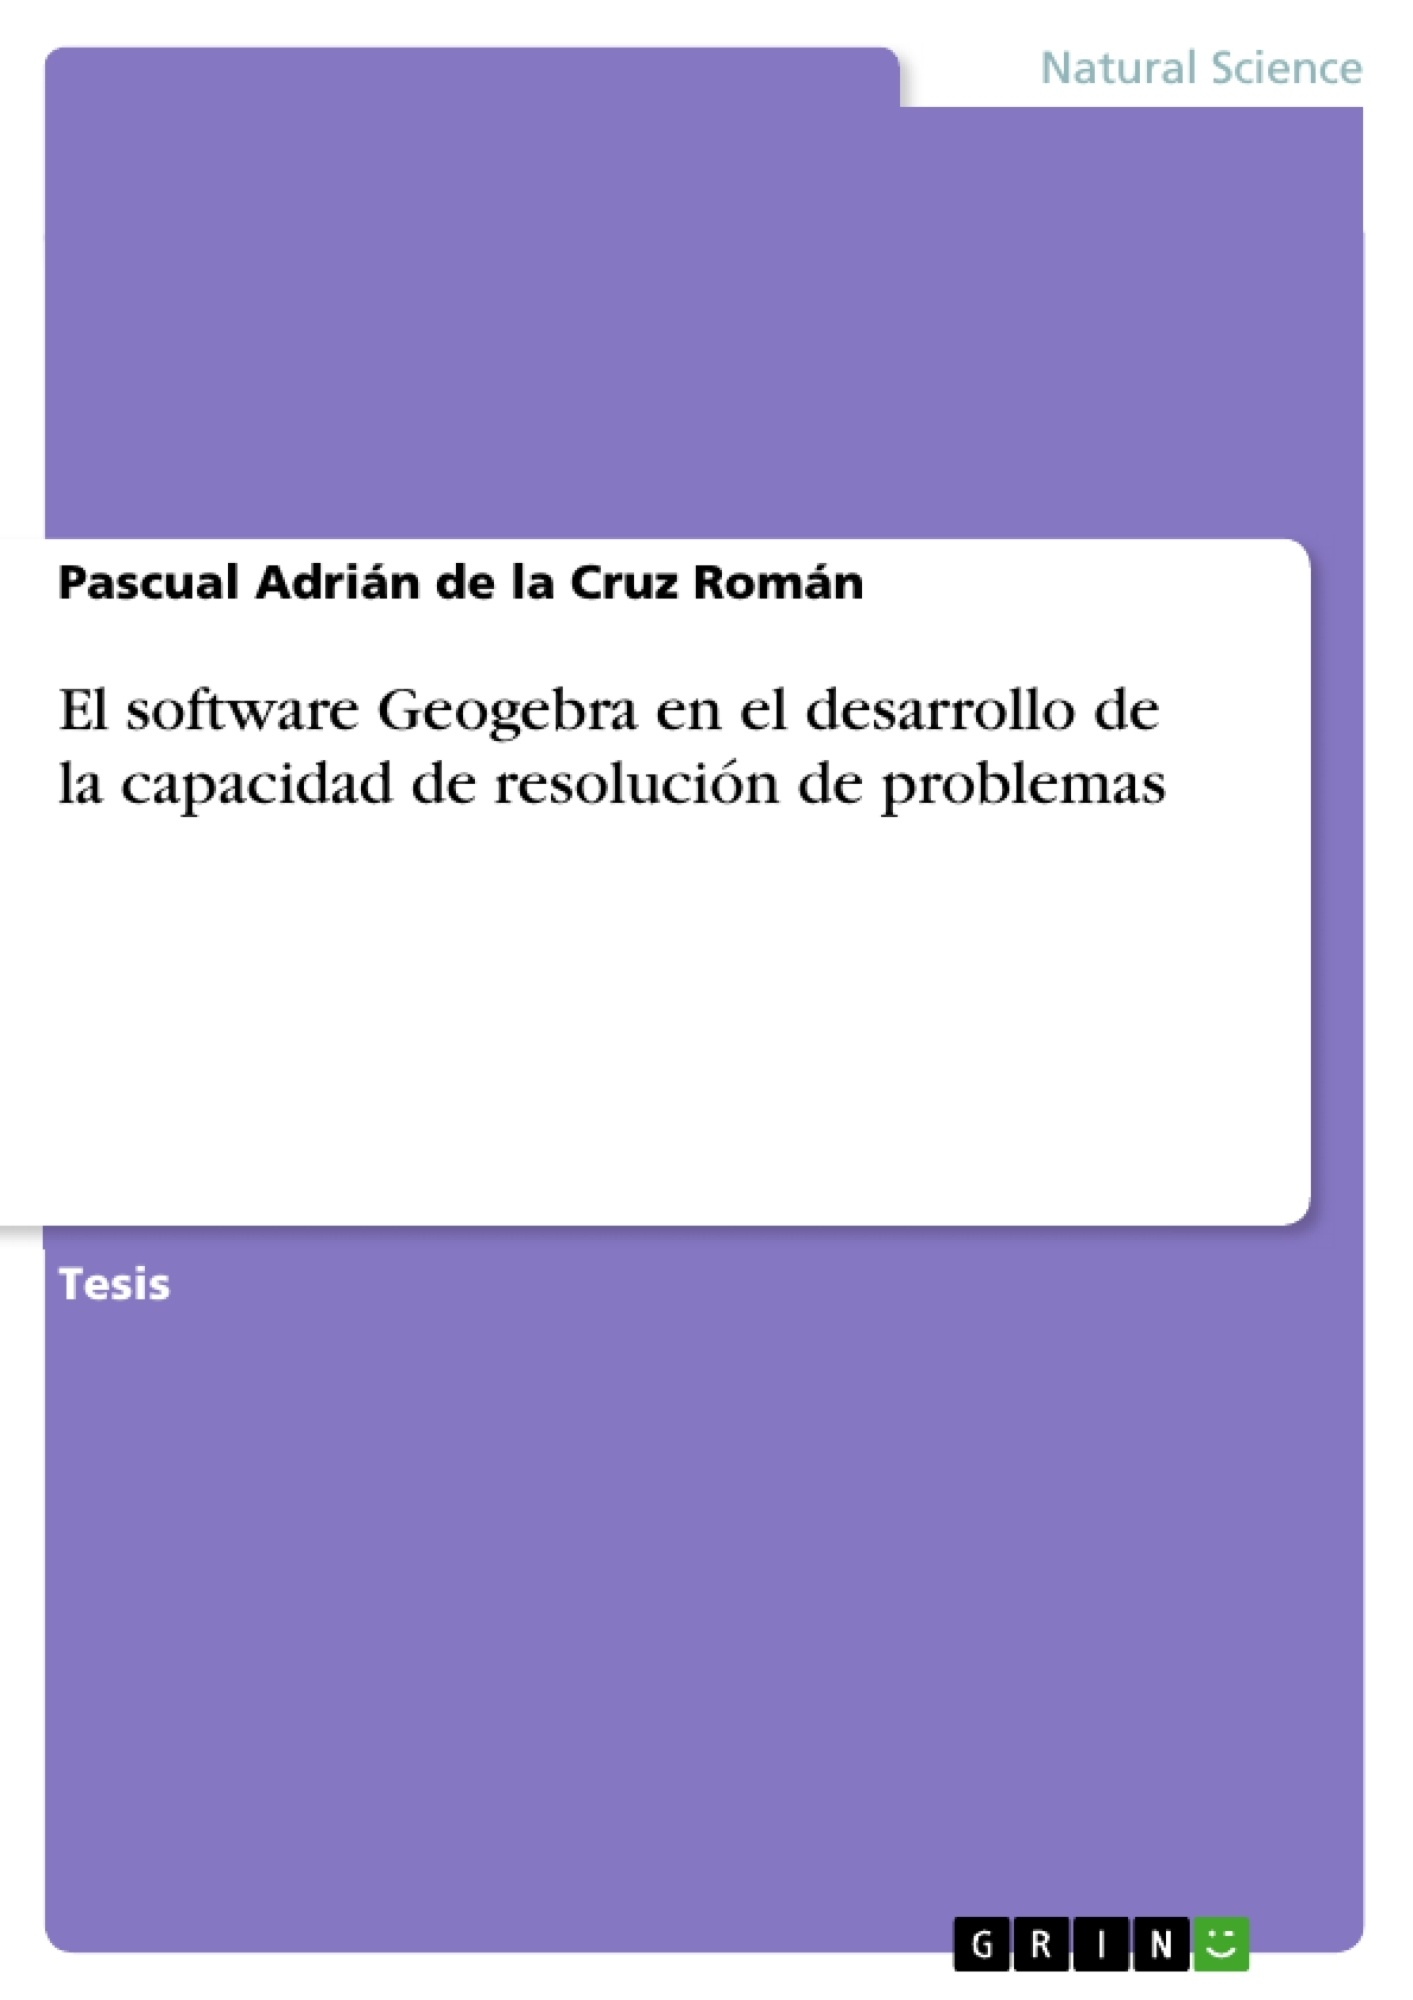 Título: El software Geogebra en el desarrollo de la capacidad de resolución de problemas